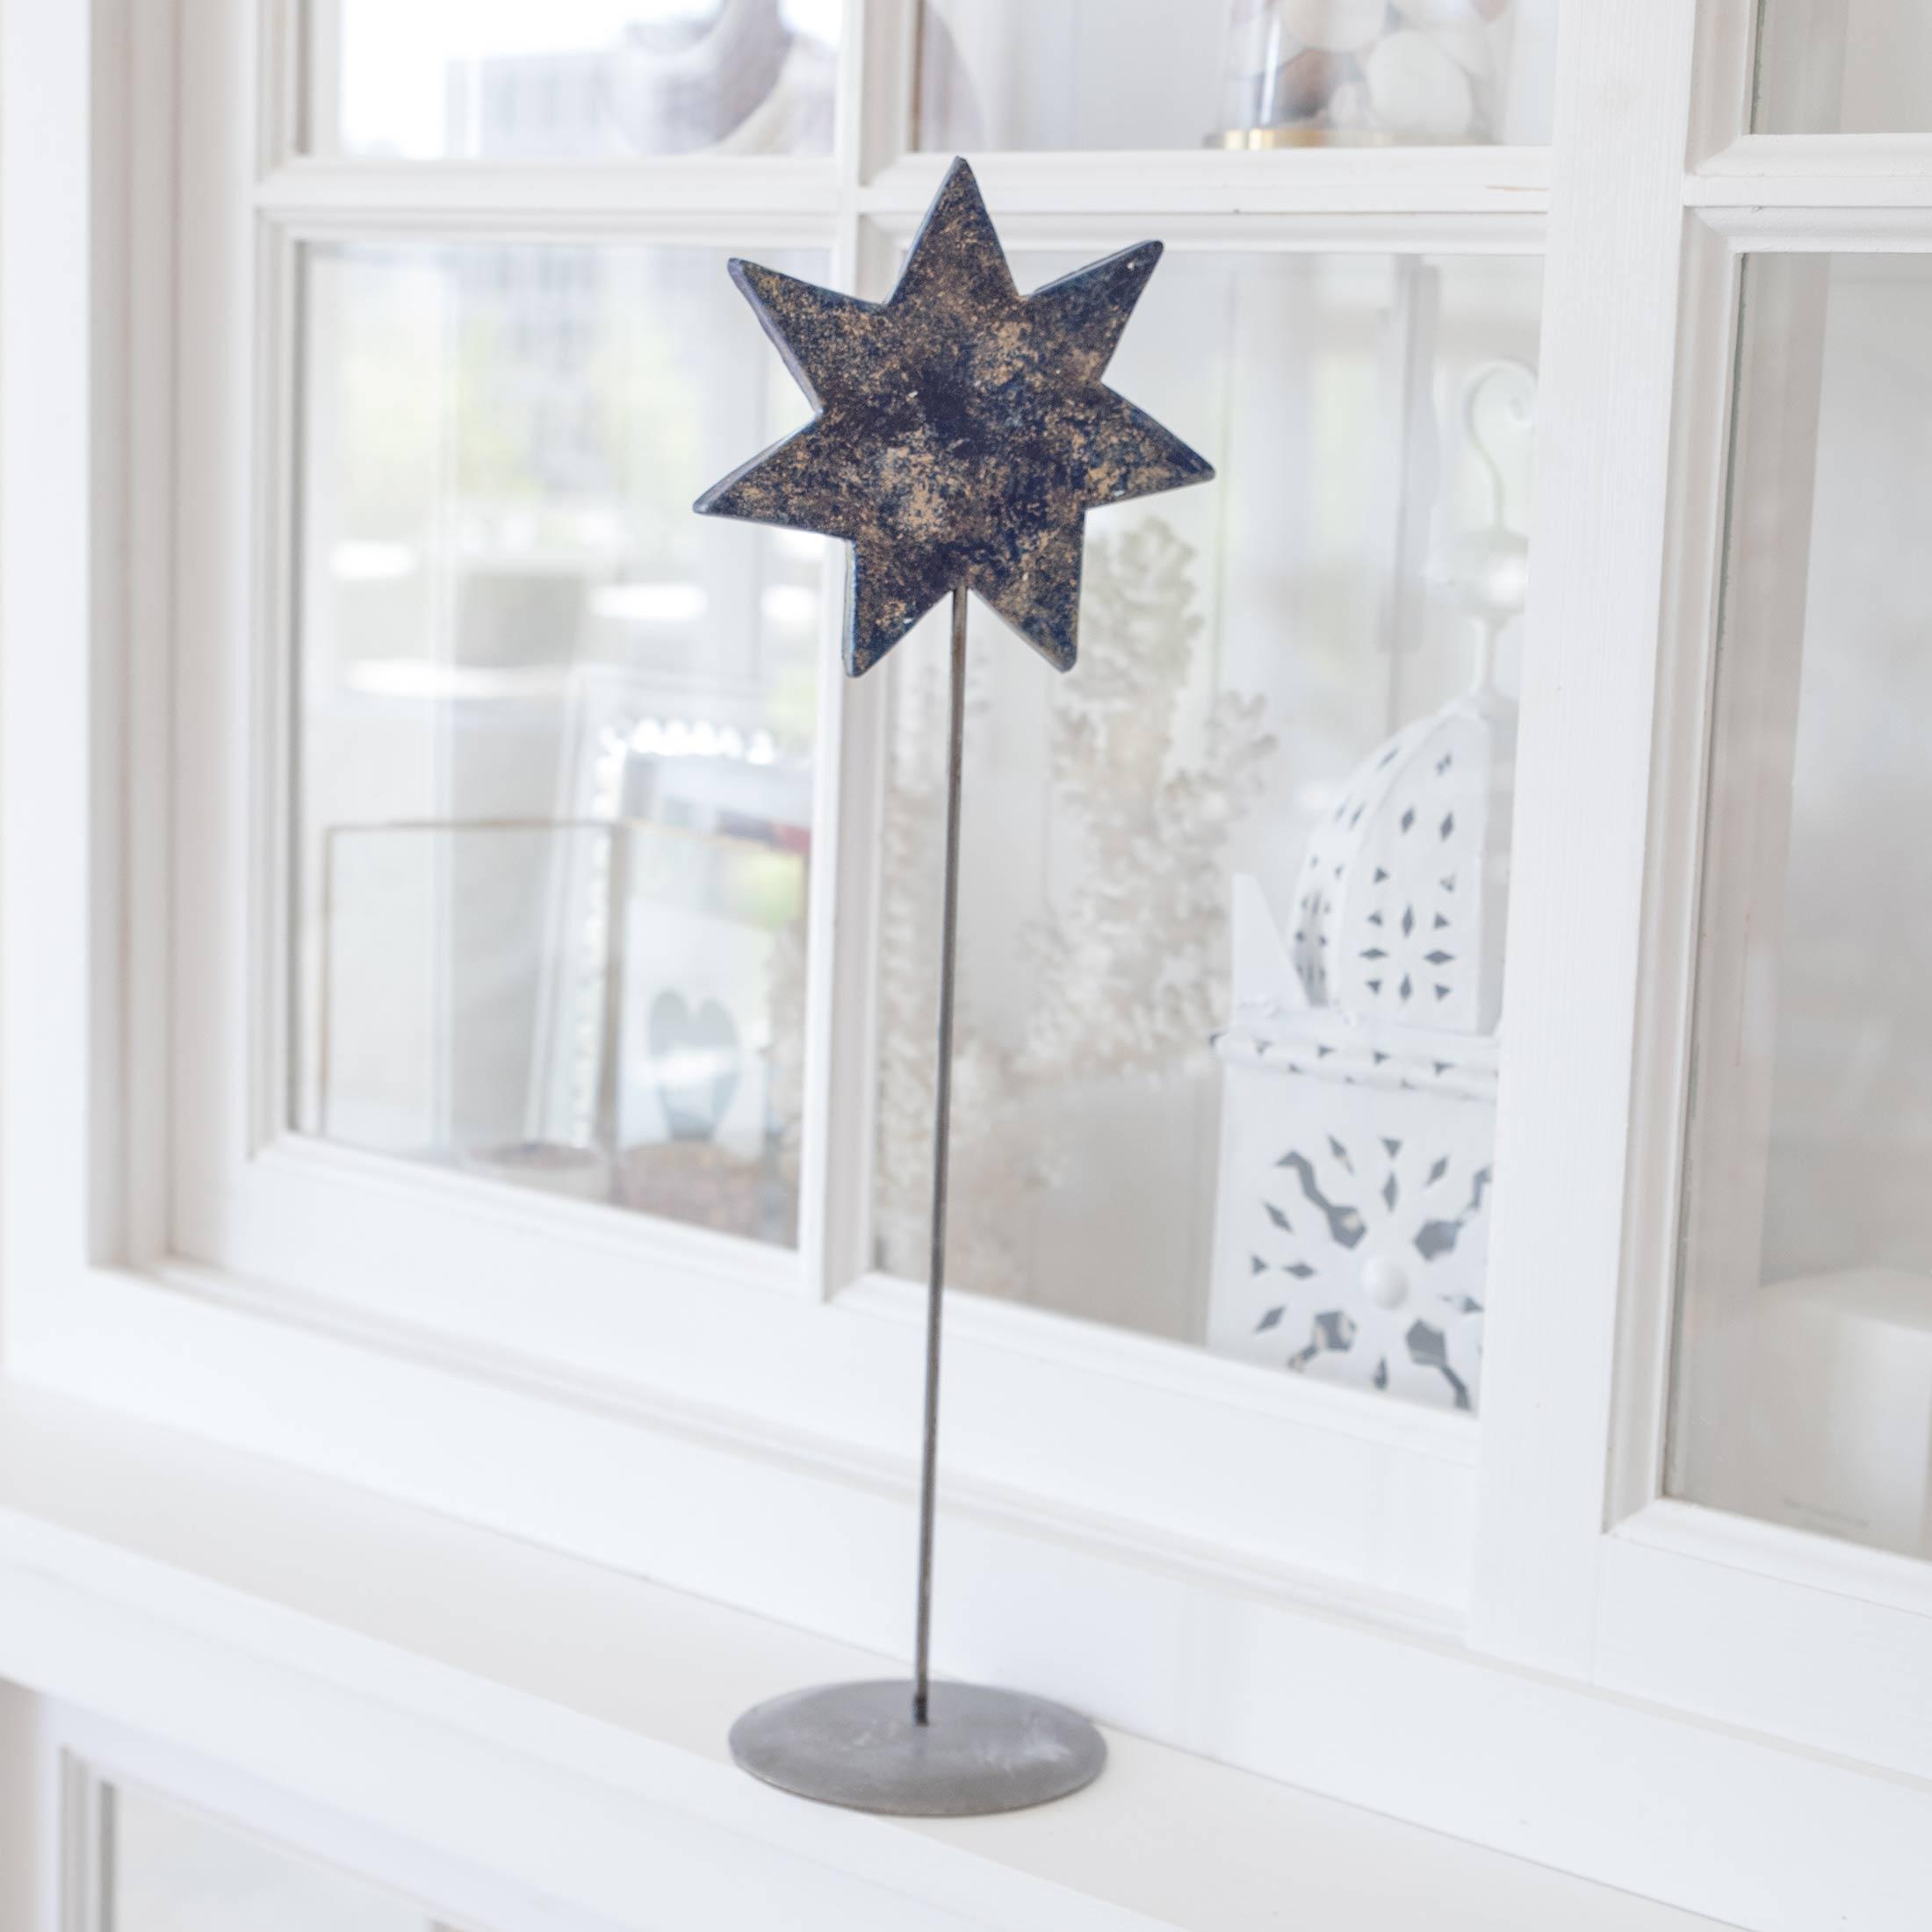 Blauer Stern auf Ständer für die skandinavische Dekoration im Advent | dekorieren Onlineshop Soulbirdee | Weihnachtsdeko online kaufen